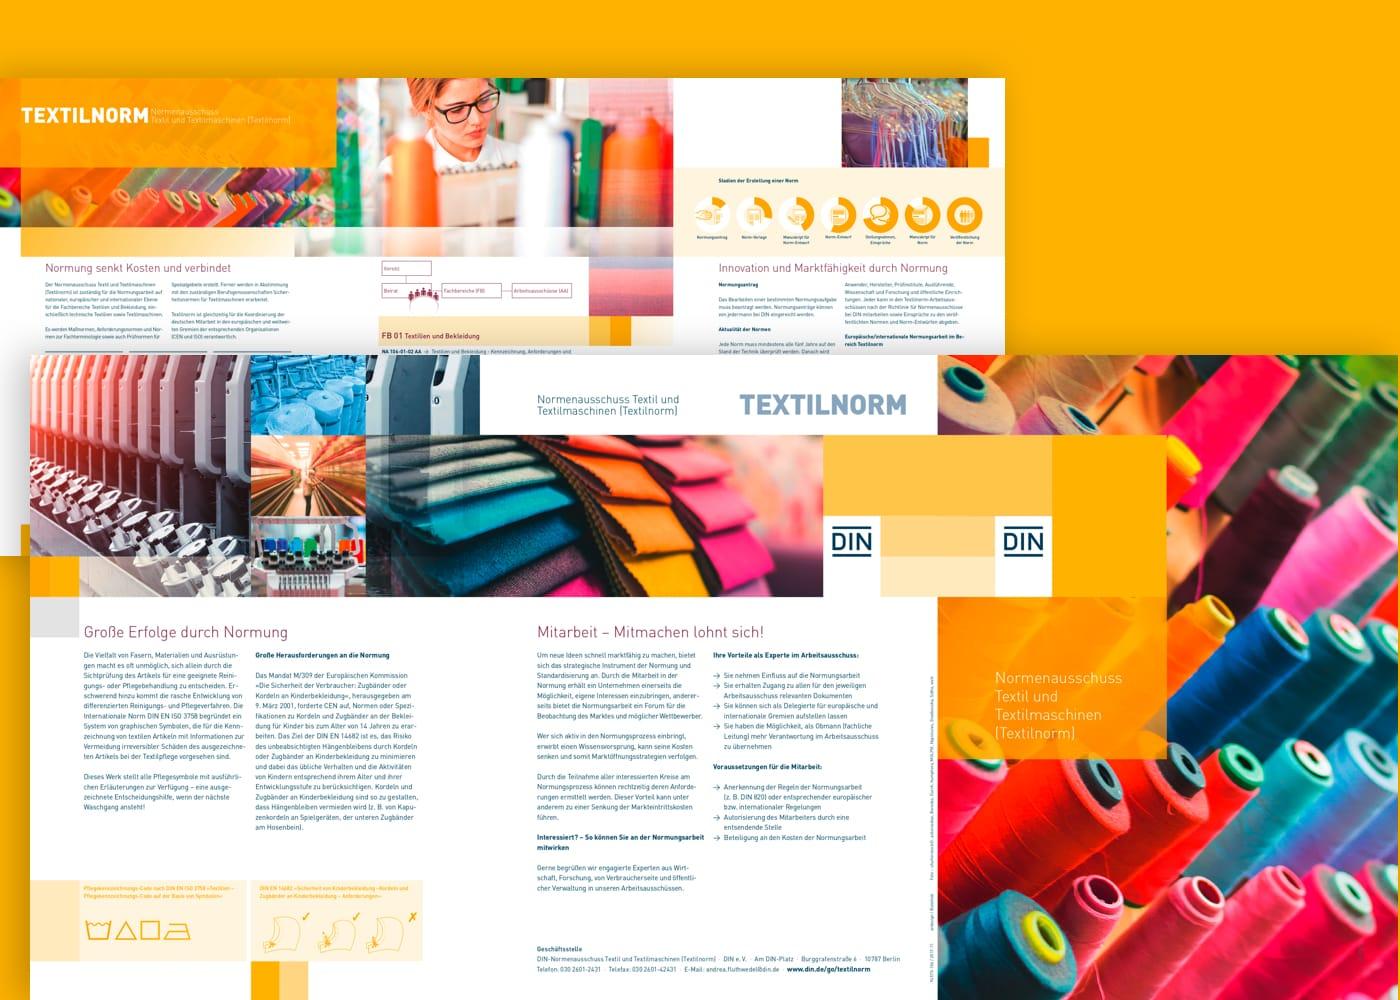 Montage von Titelseiten und Folgeseiten der Imagebroschüren von DIN e.V.